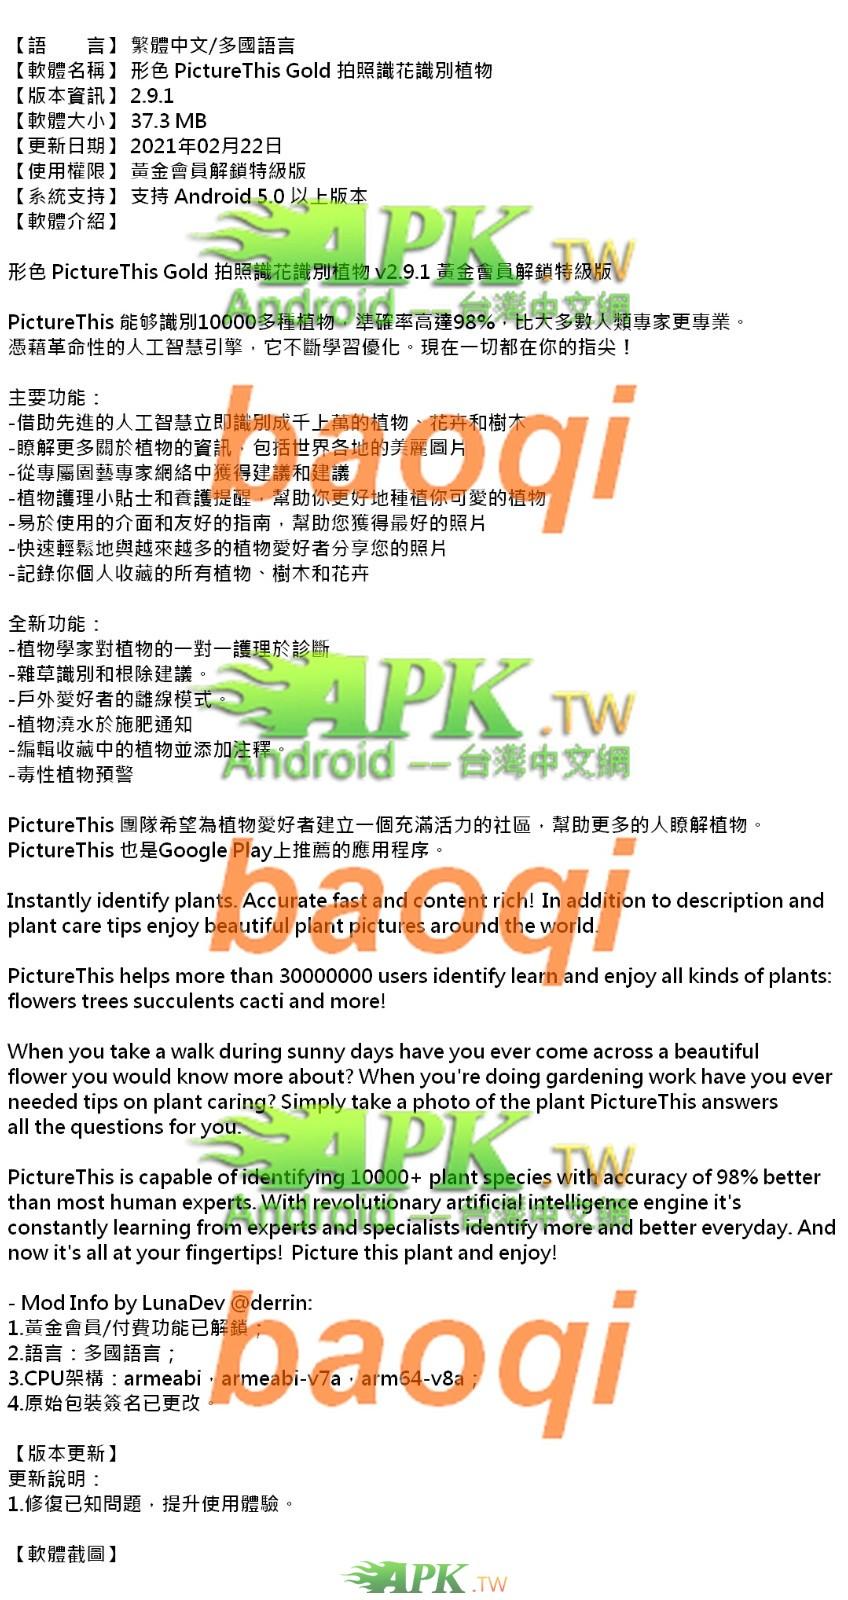 PictureThis_2.9.1_.jpg